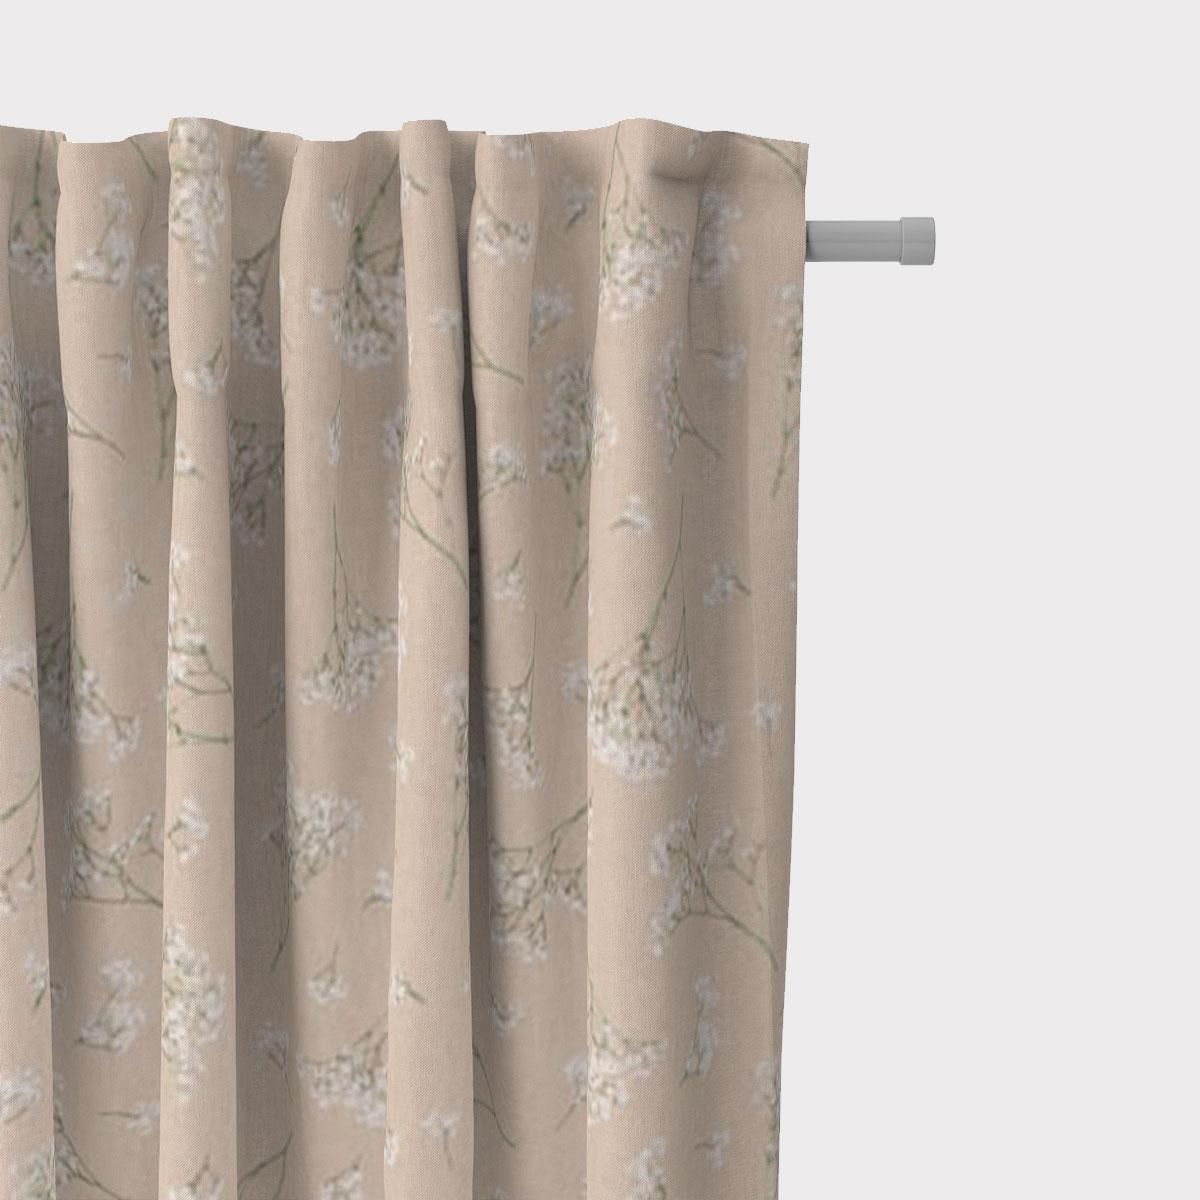 SCHÖNER LEBEN. Vorhang Leinenlook Florist Elegant Schleierkraut natur weiß 245cm oder Wunschlänge